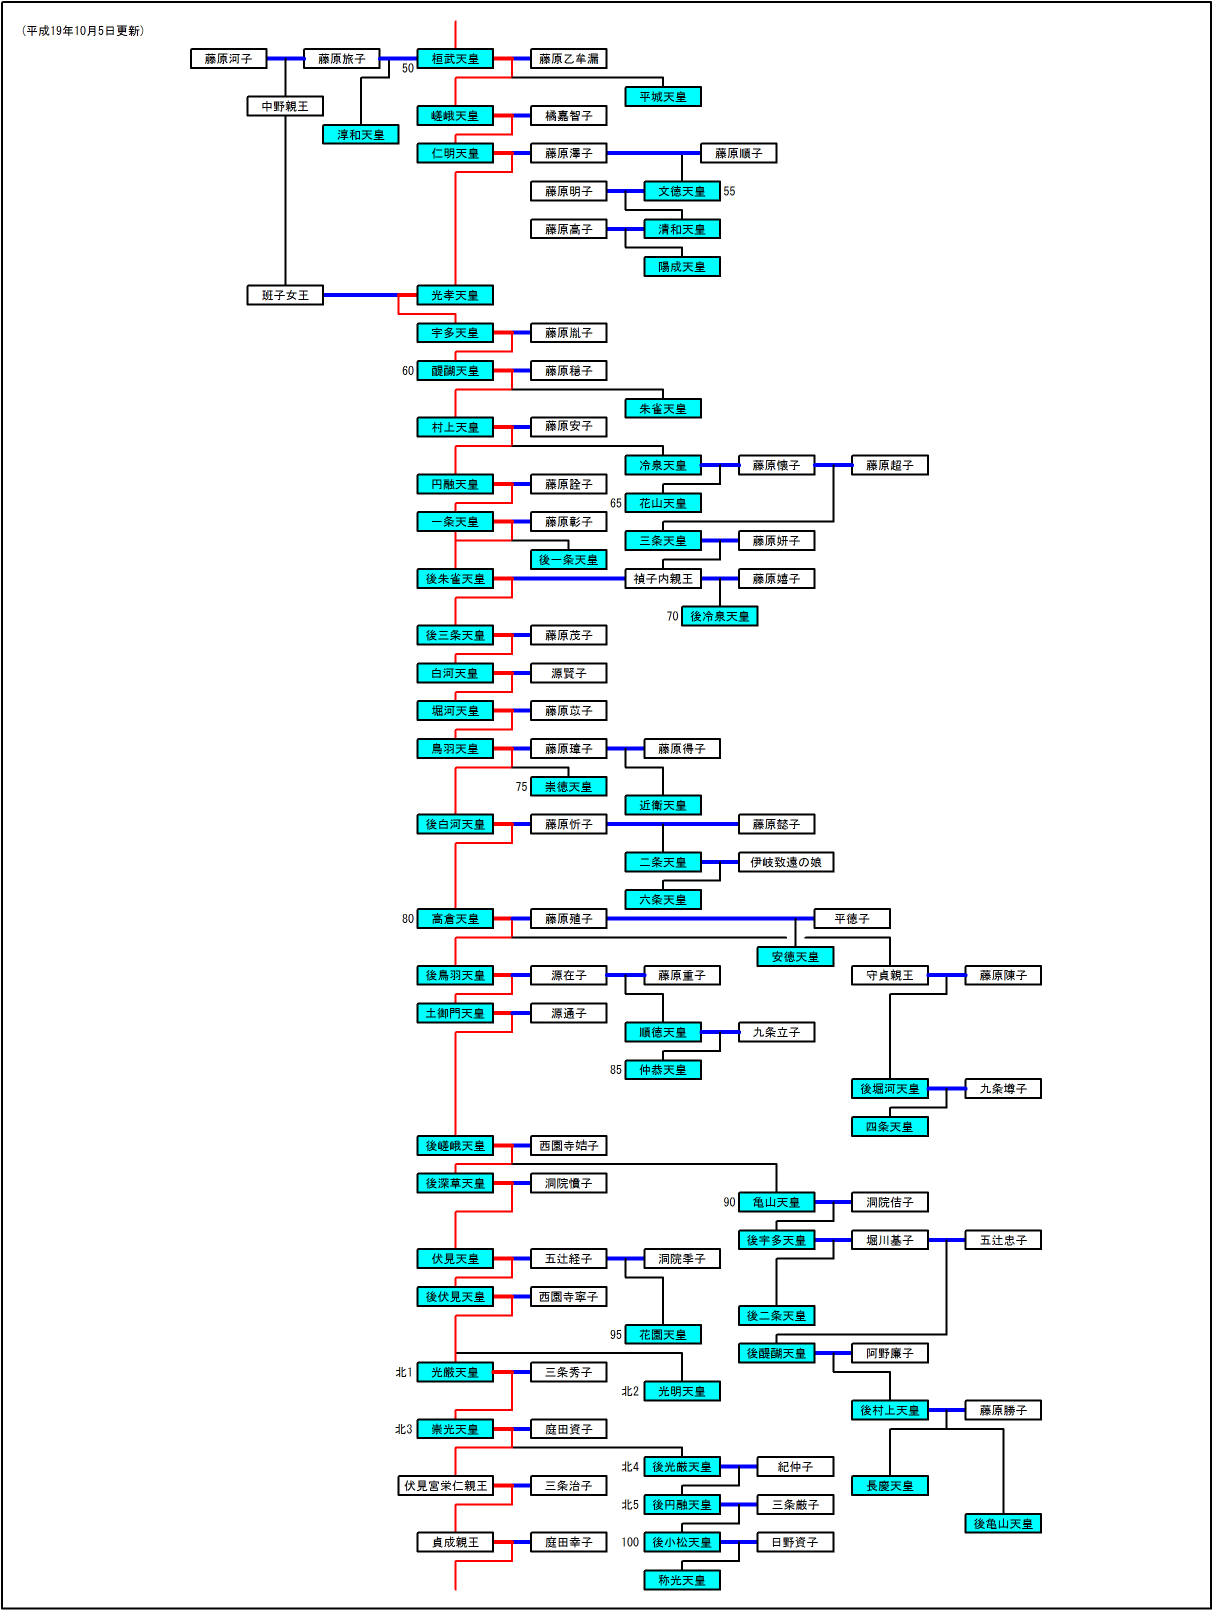 北朝初代の光厳天皇は、先代の後亀山天皇と男系で9親等離れている。第100代の後小松天皇は、先代の後亀山天皇と男系で13親等離れている。